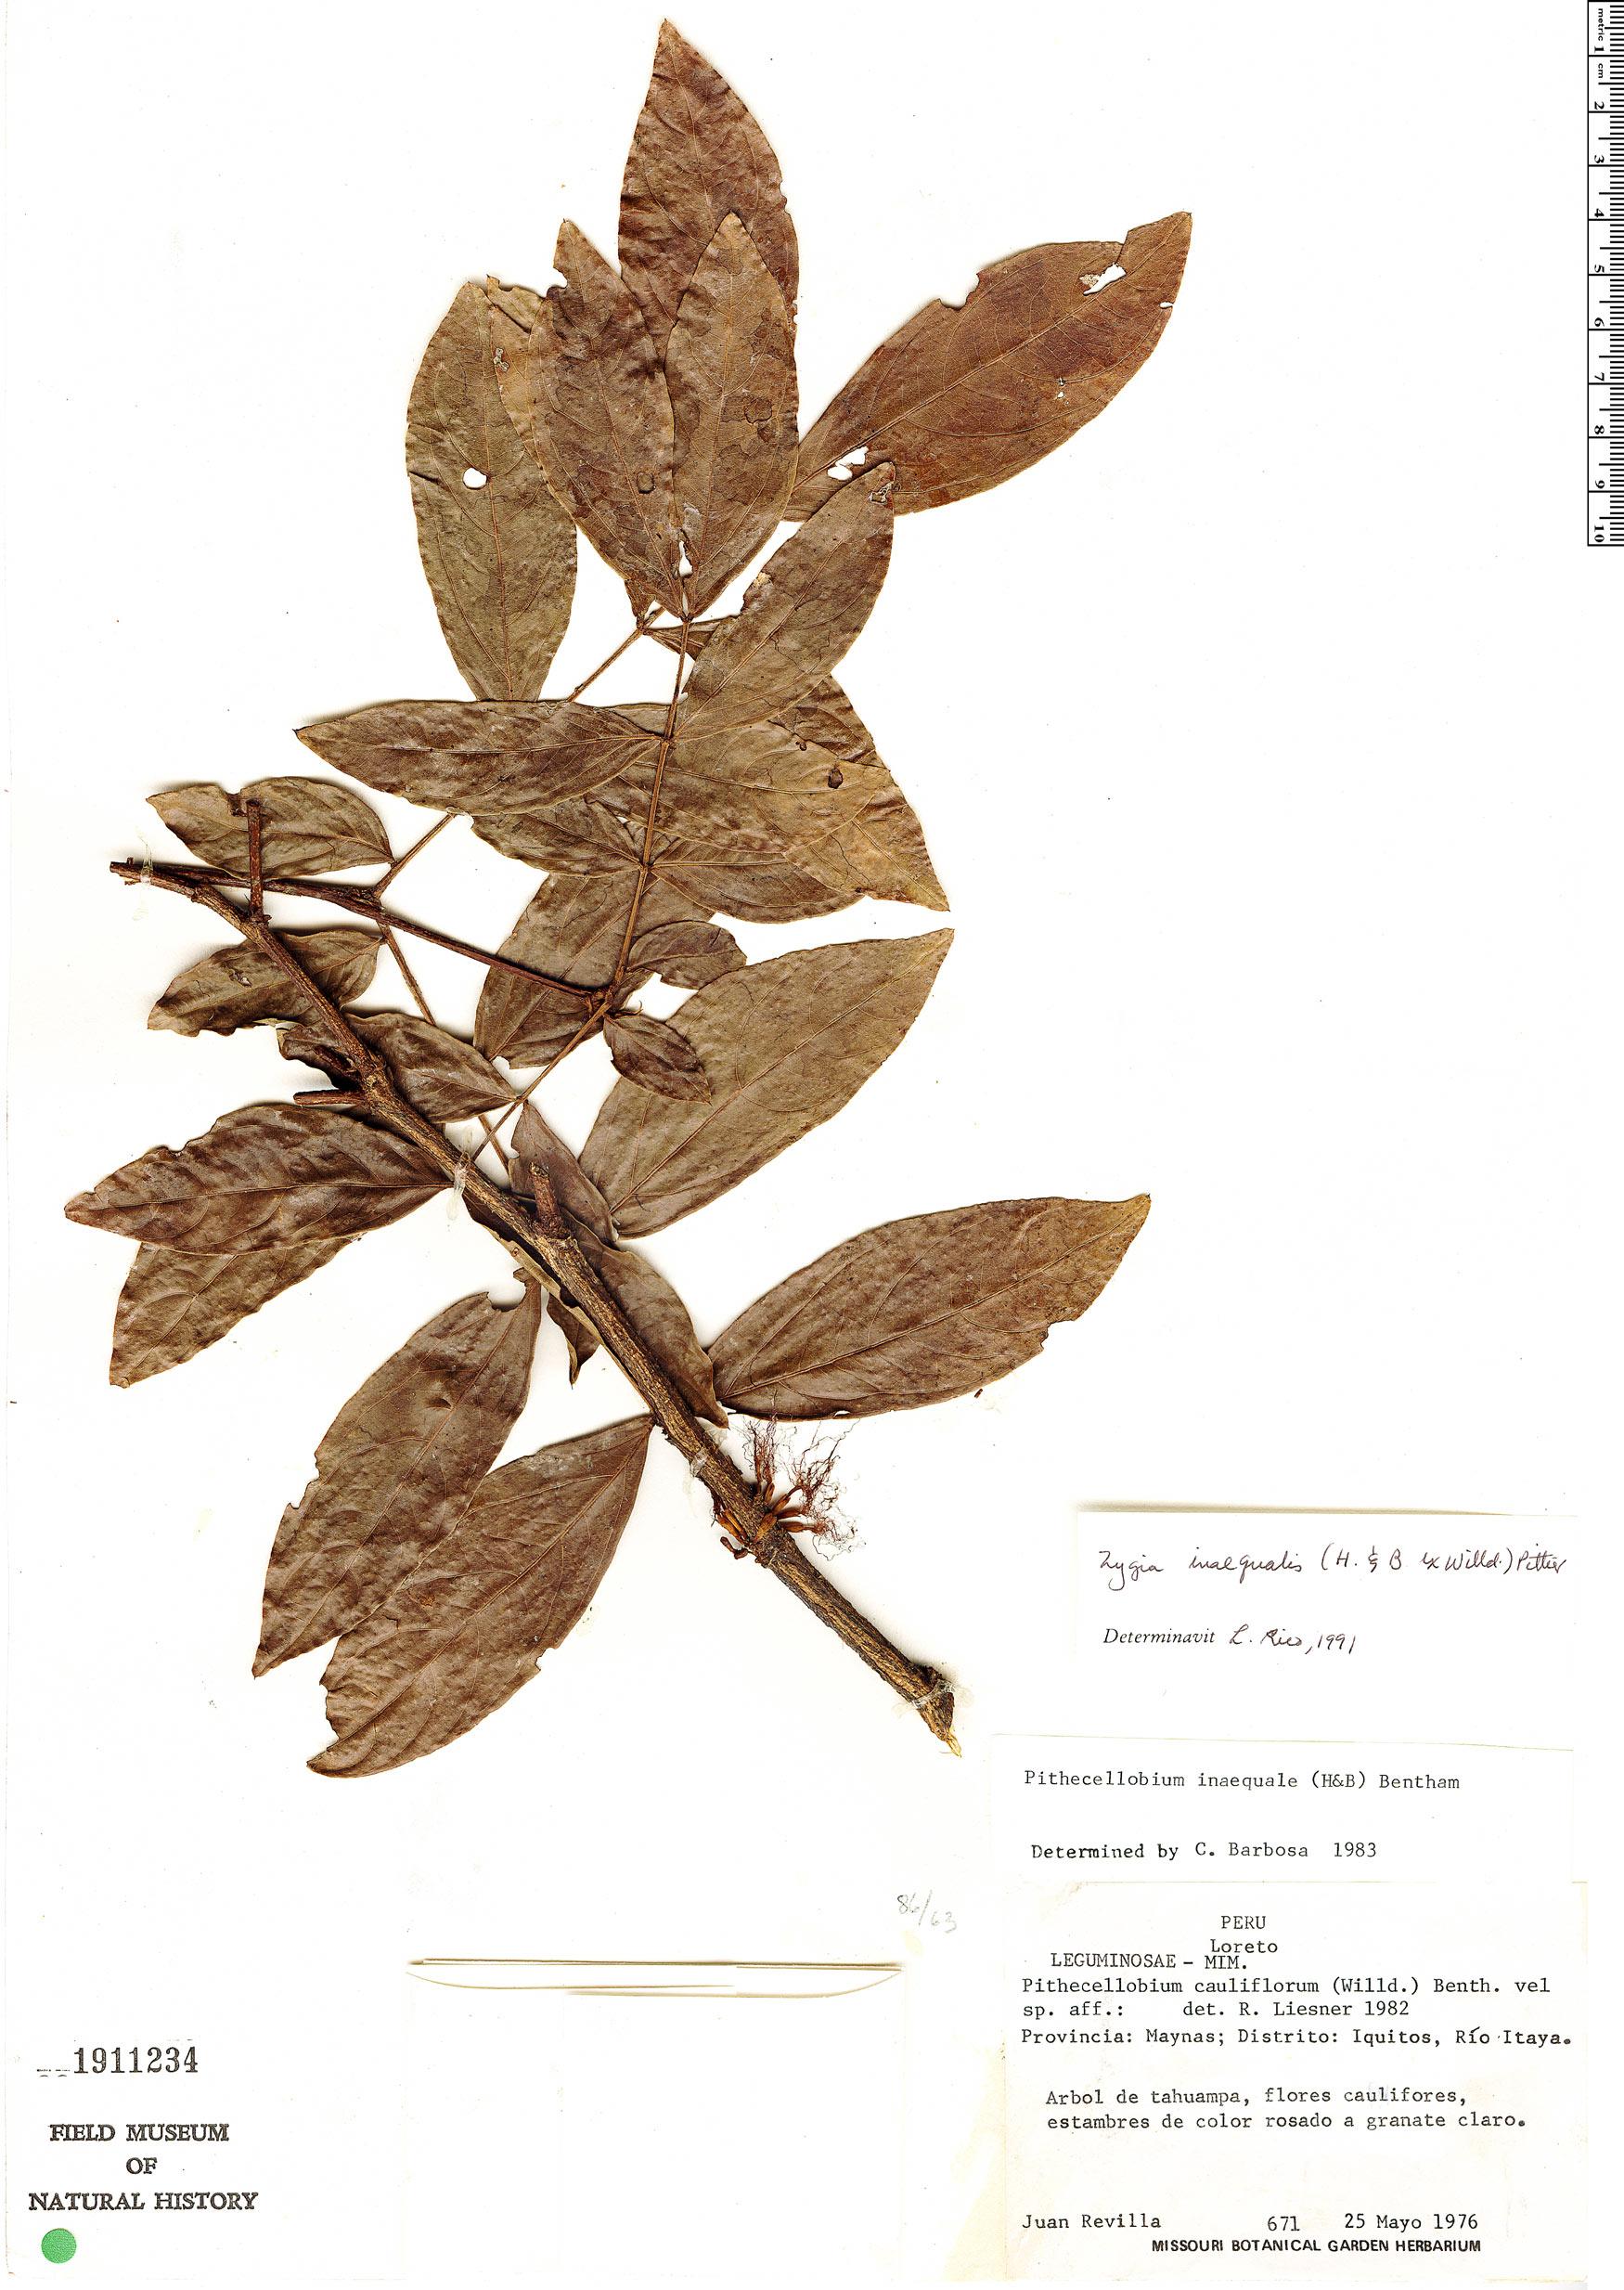 Specimen: Zygia inaequalis